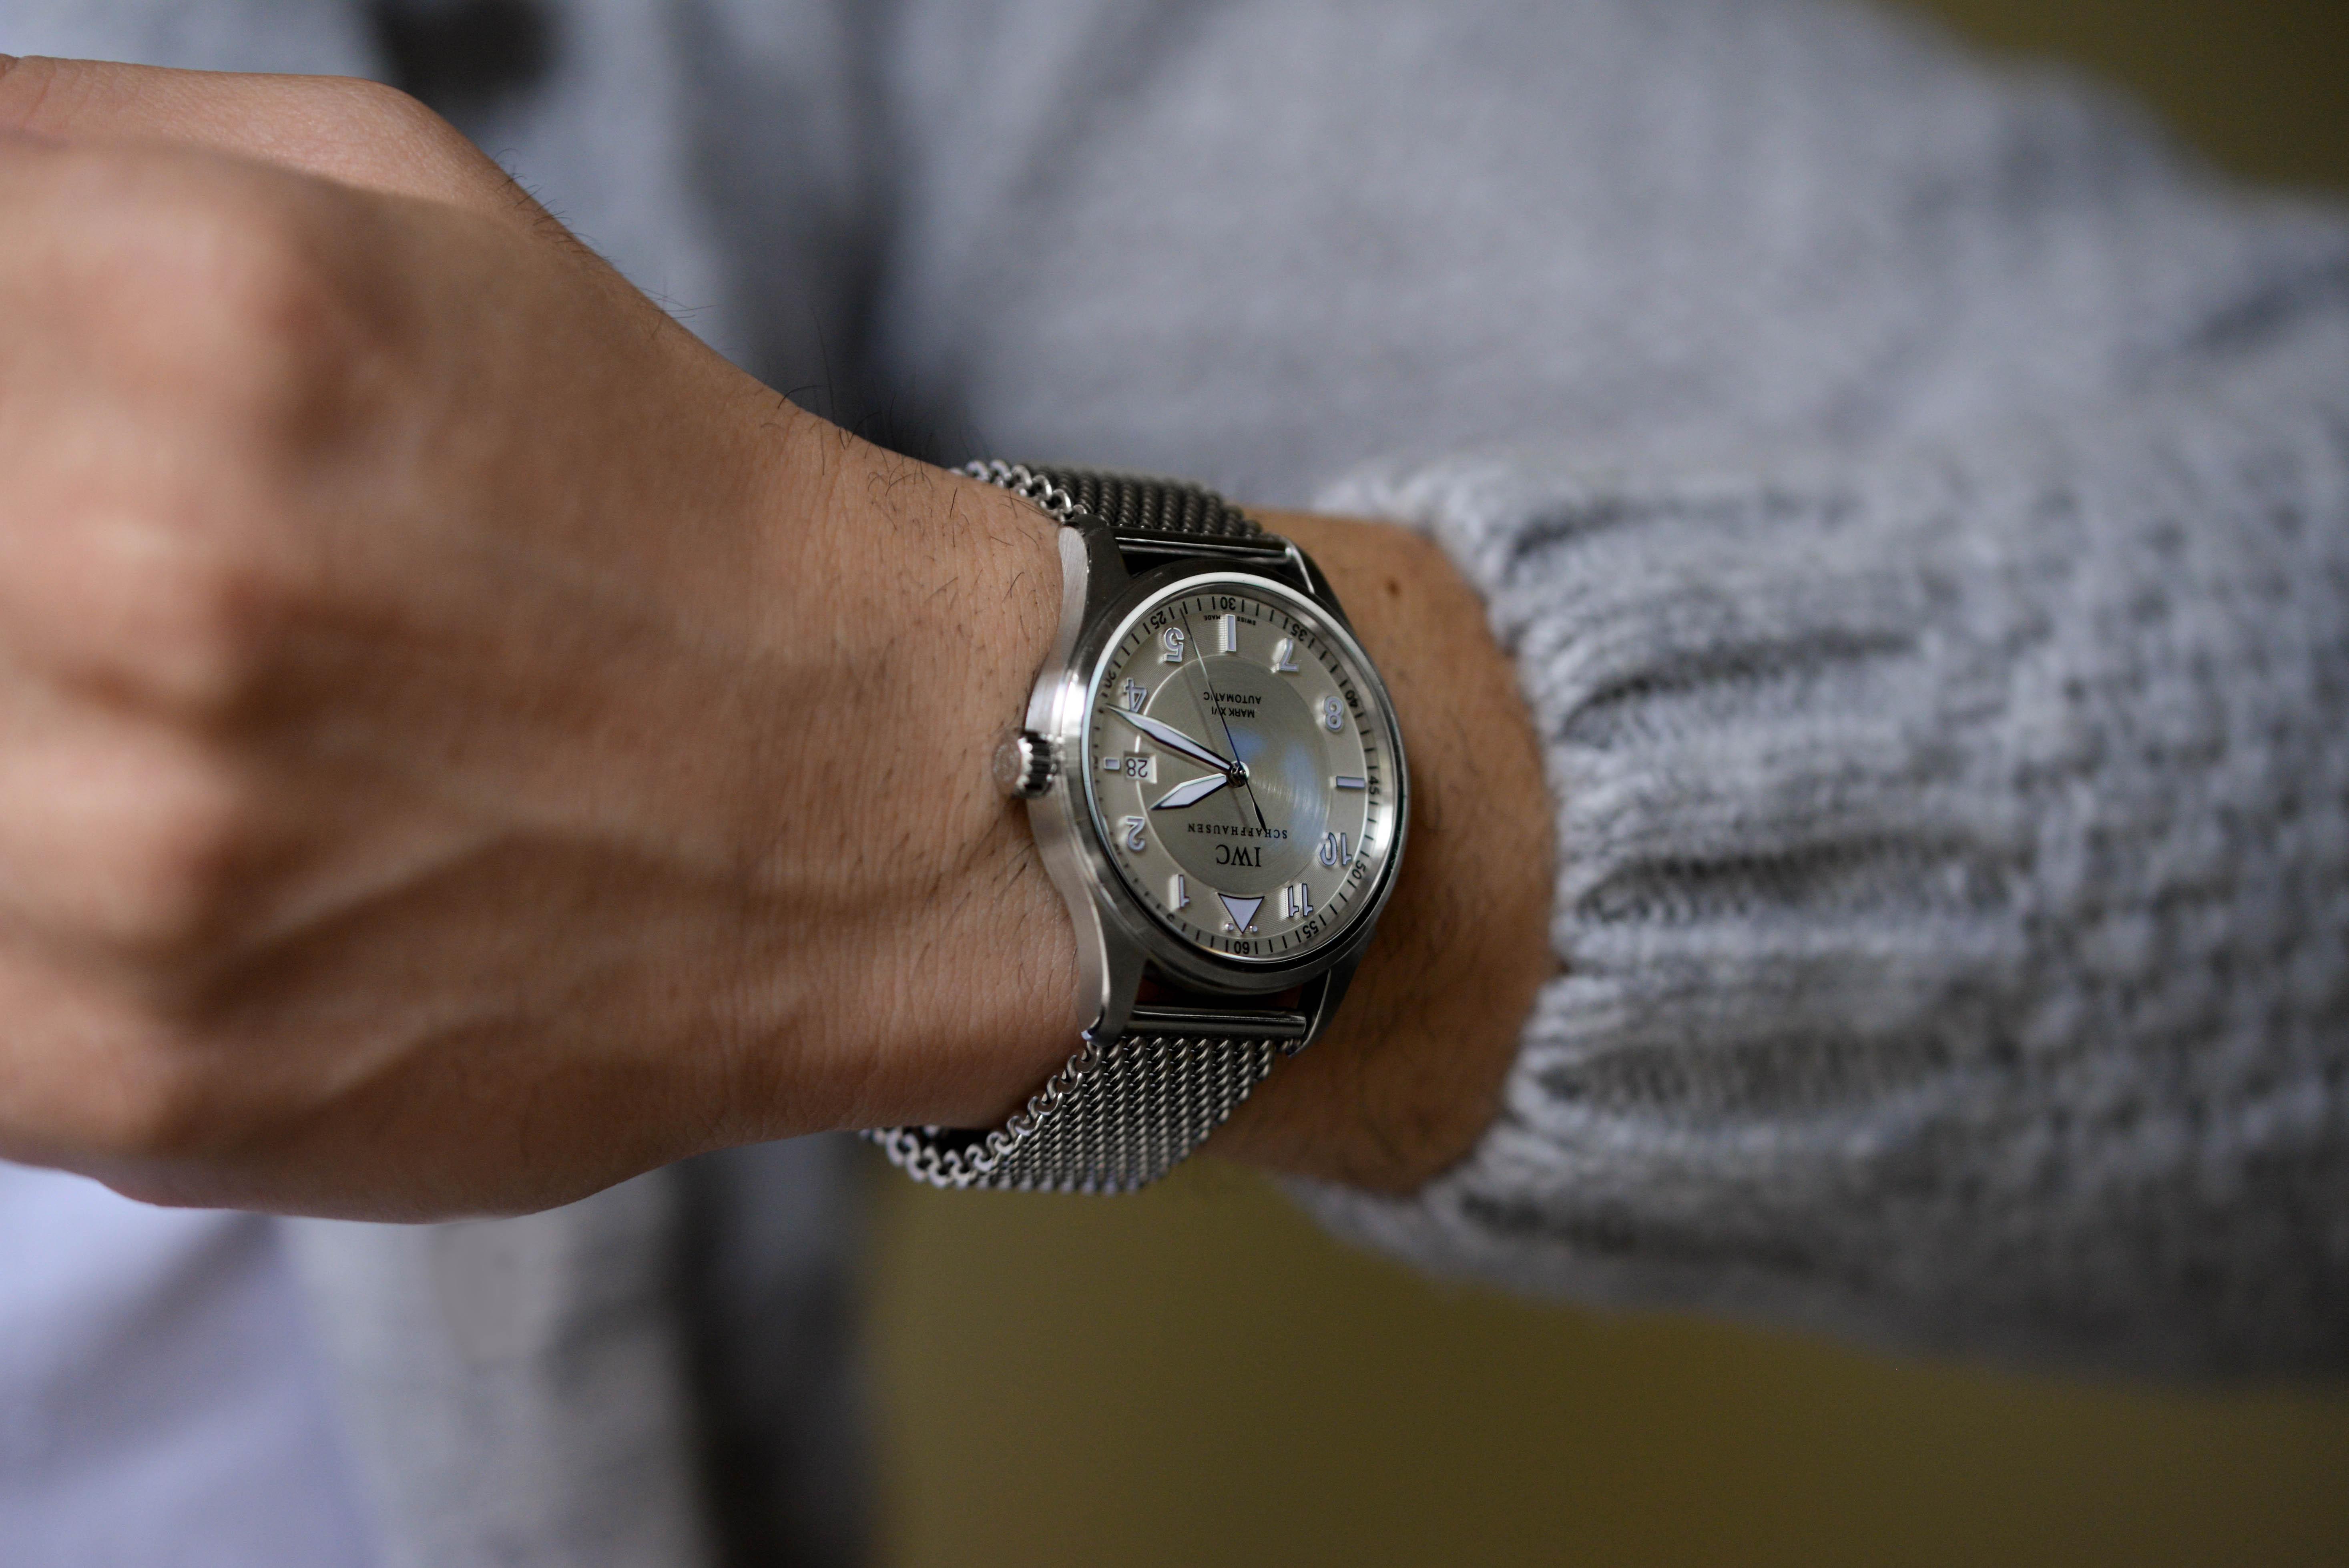 父親が愛用していた腕時計